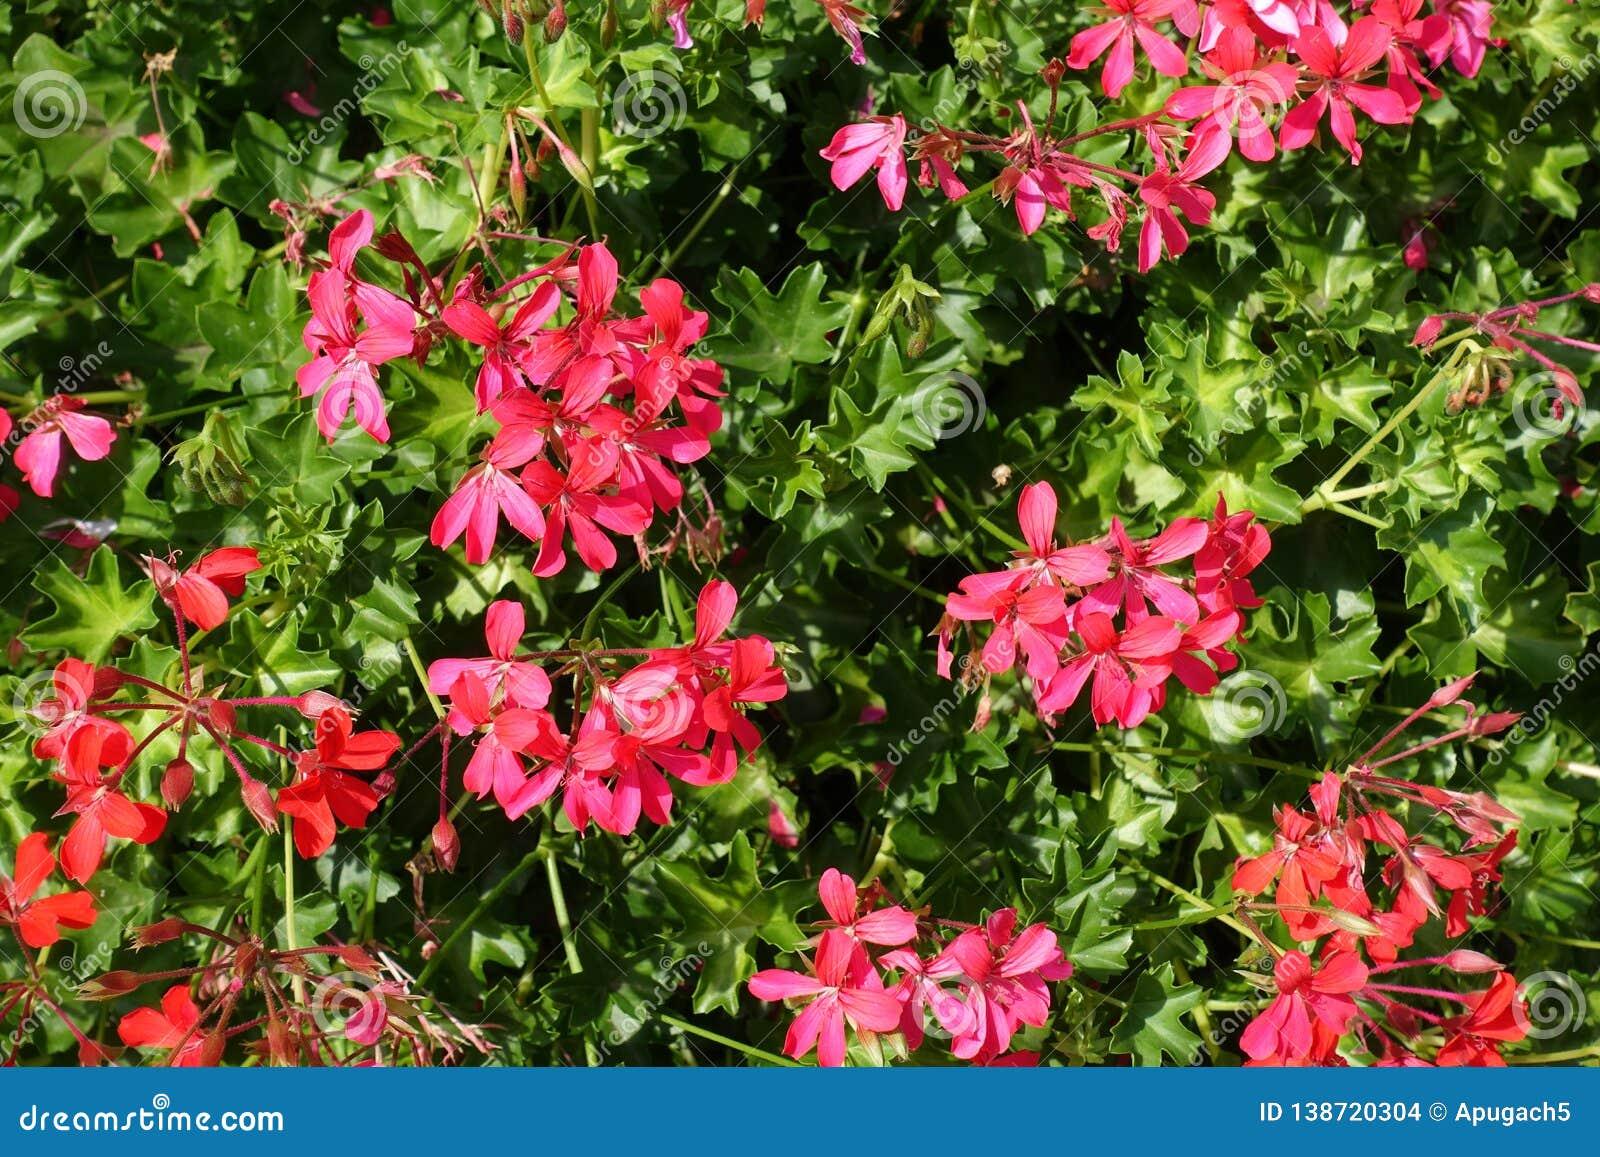 Flores rojas rosáceas simples del geranio hiedra-con hojas